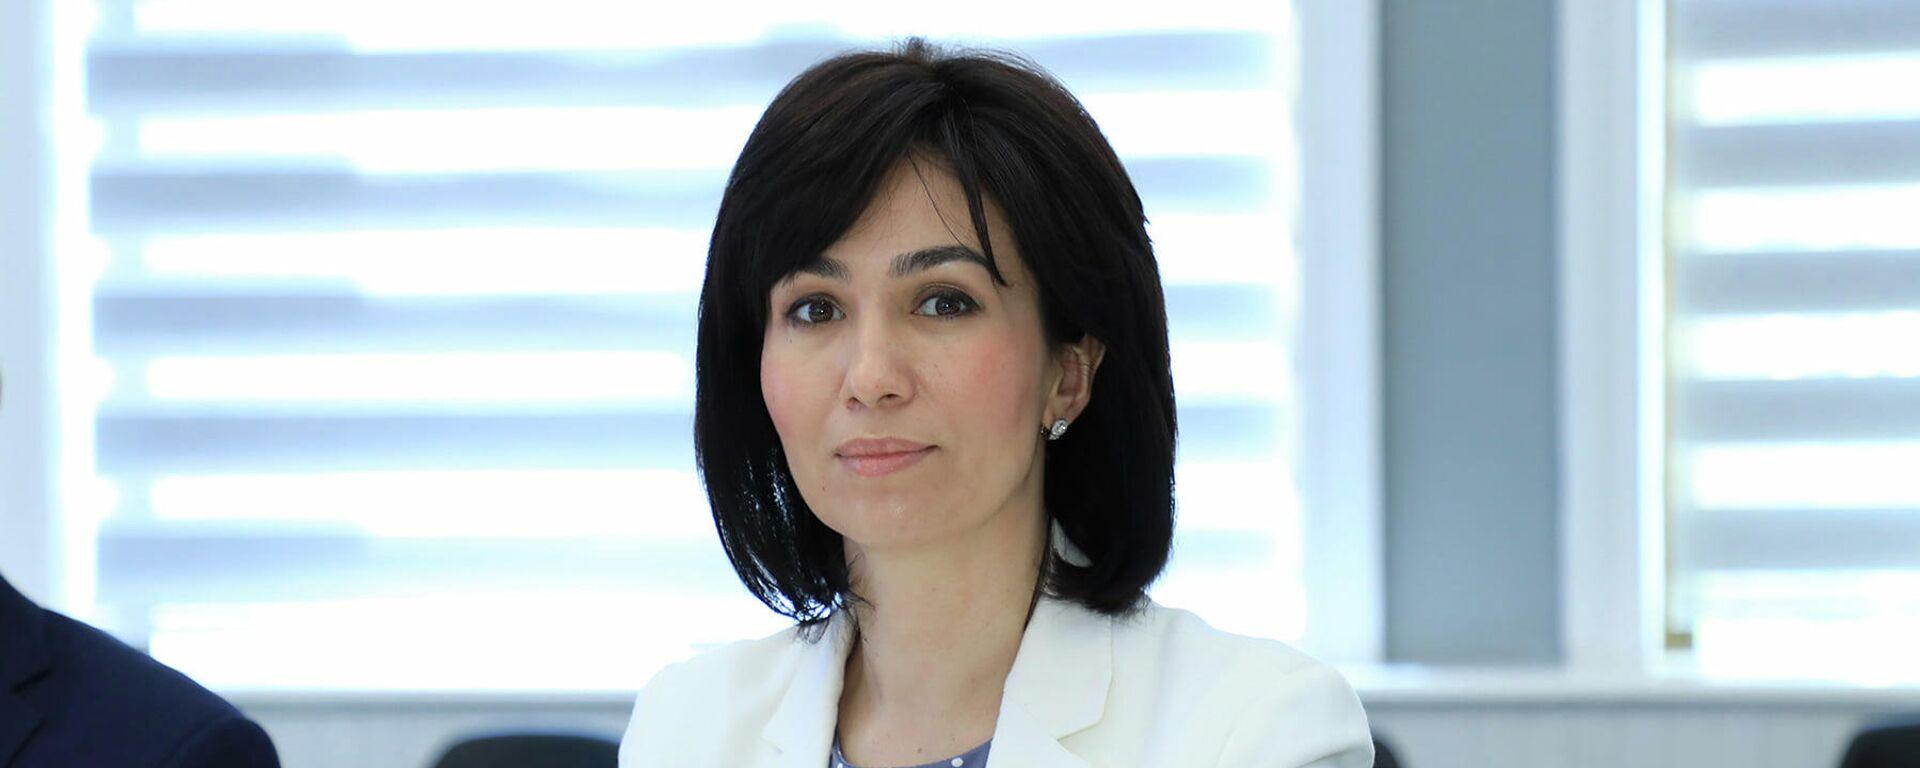 Проректор Университета мировой экономики и дипломатии МИД Гульноза Исмаилова - Sputnik Узбекистан, 1920, 03.09.2021